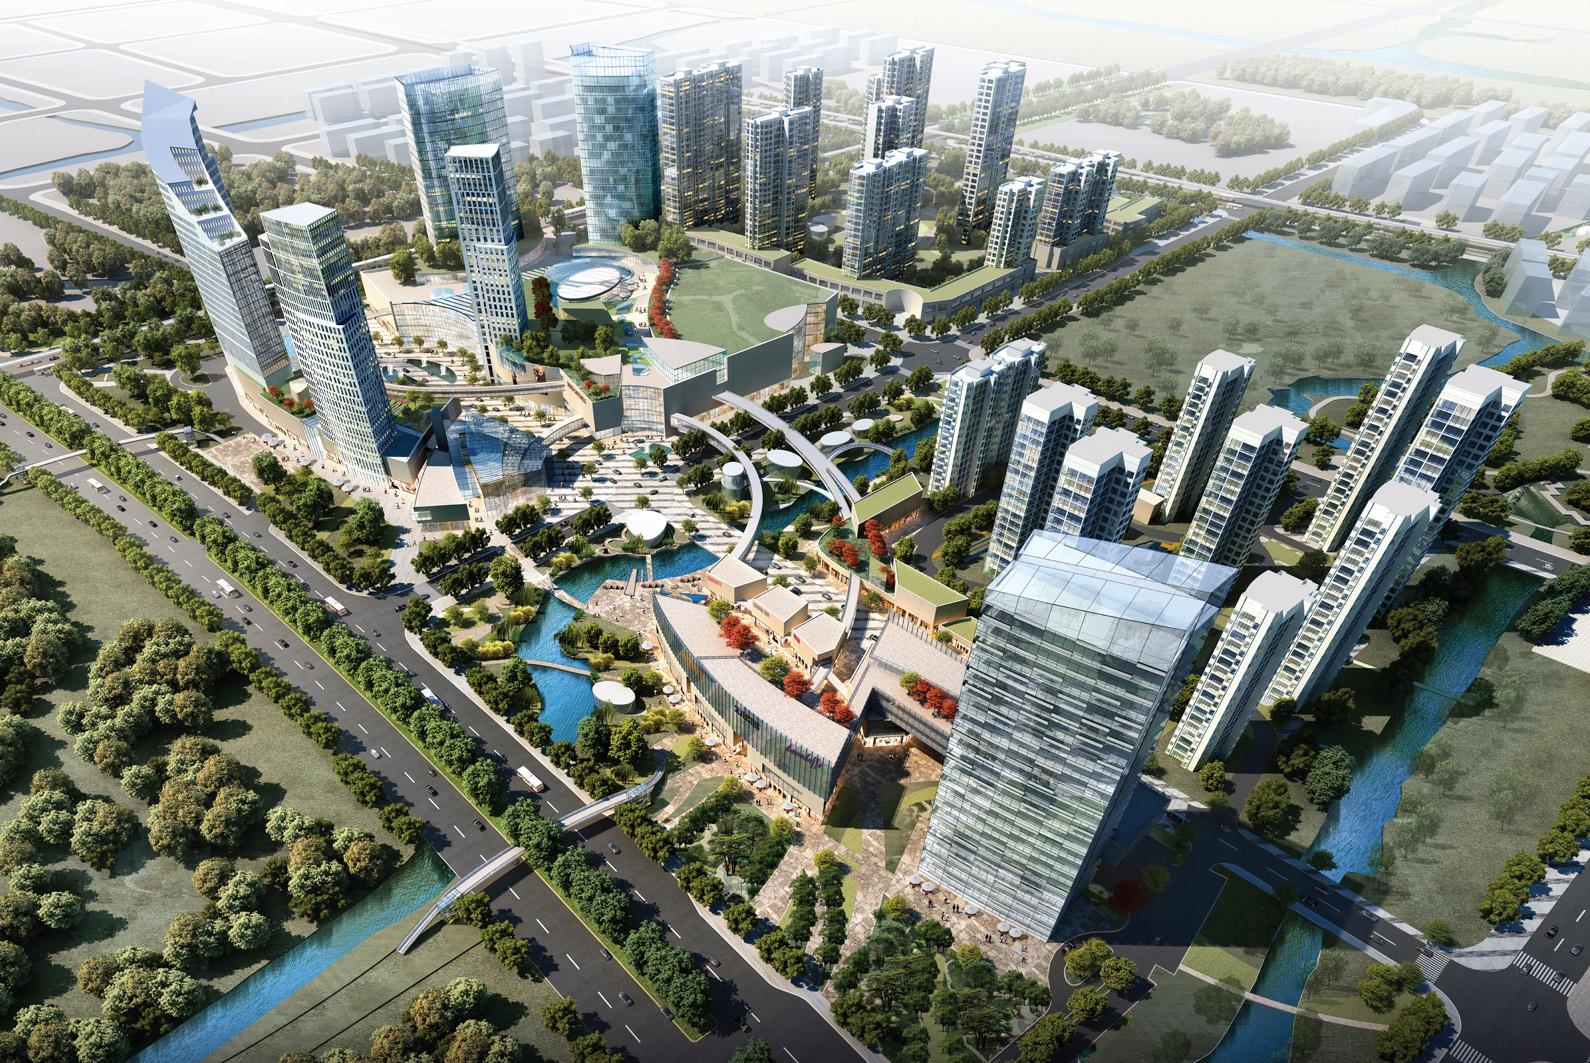 捷得建筑师事务所(jerde) 担纲整体规划设计大型生态城市综合体开发